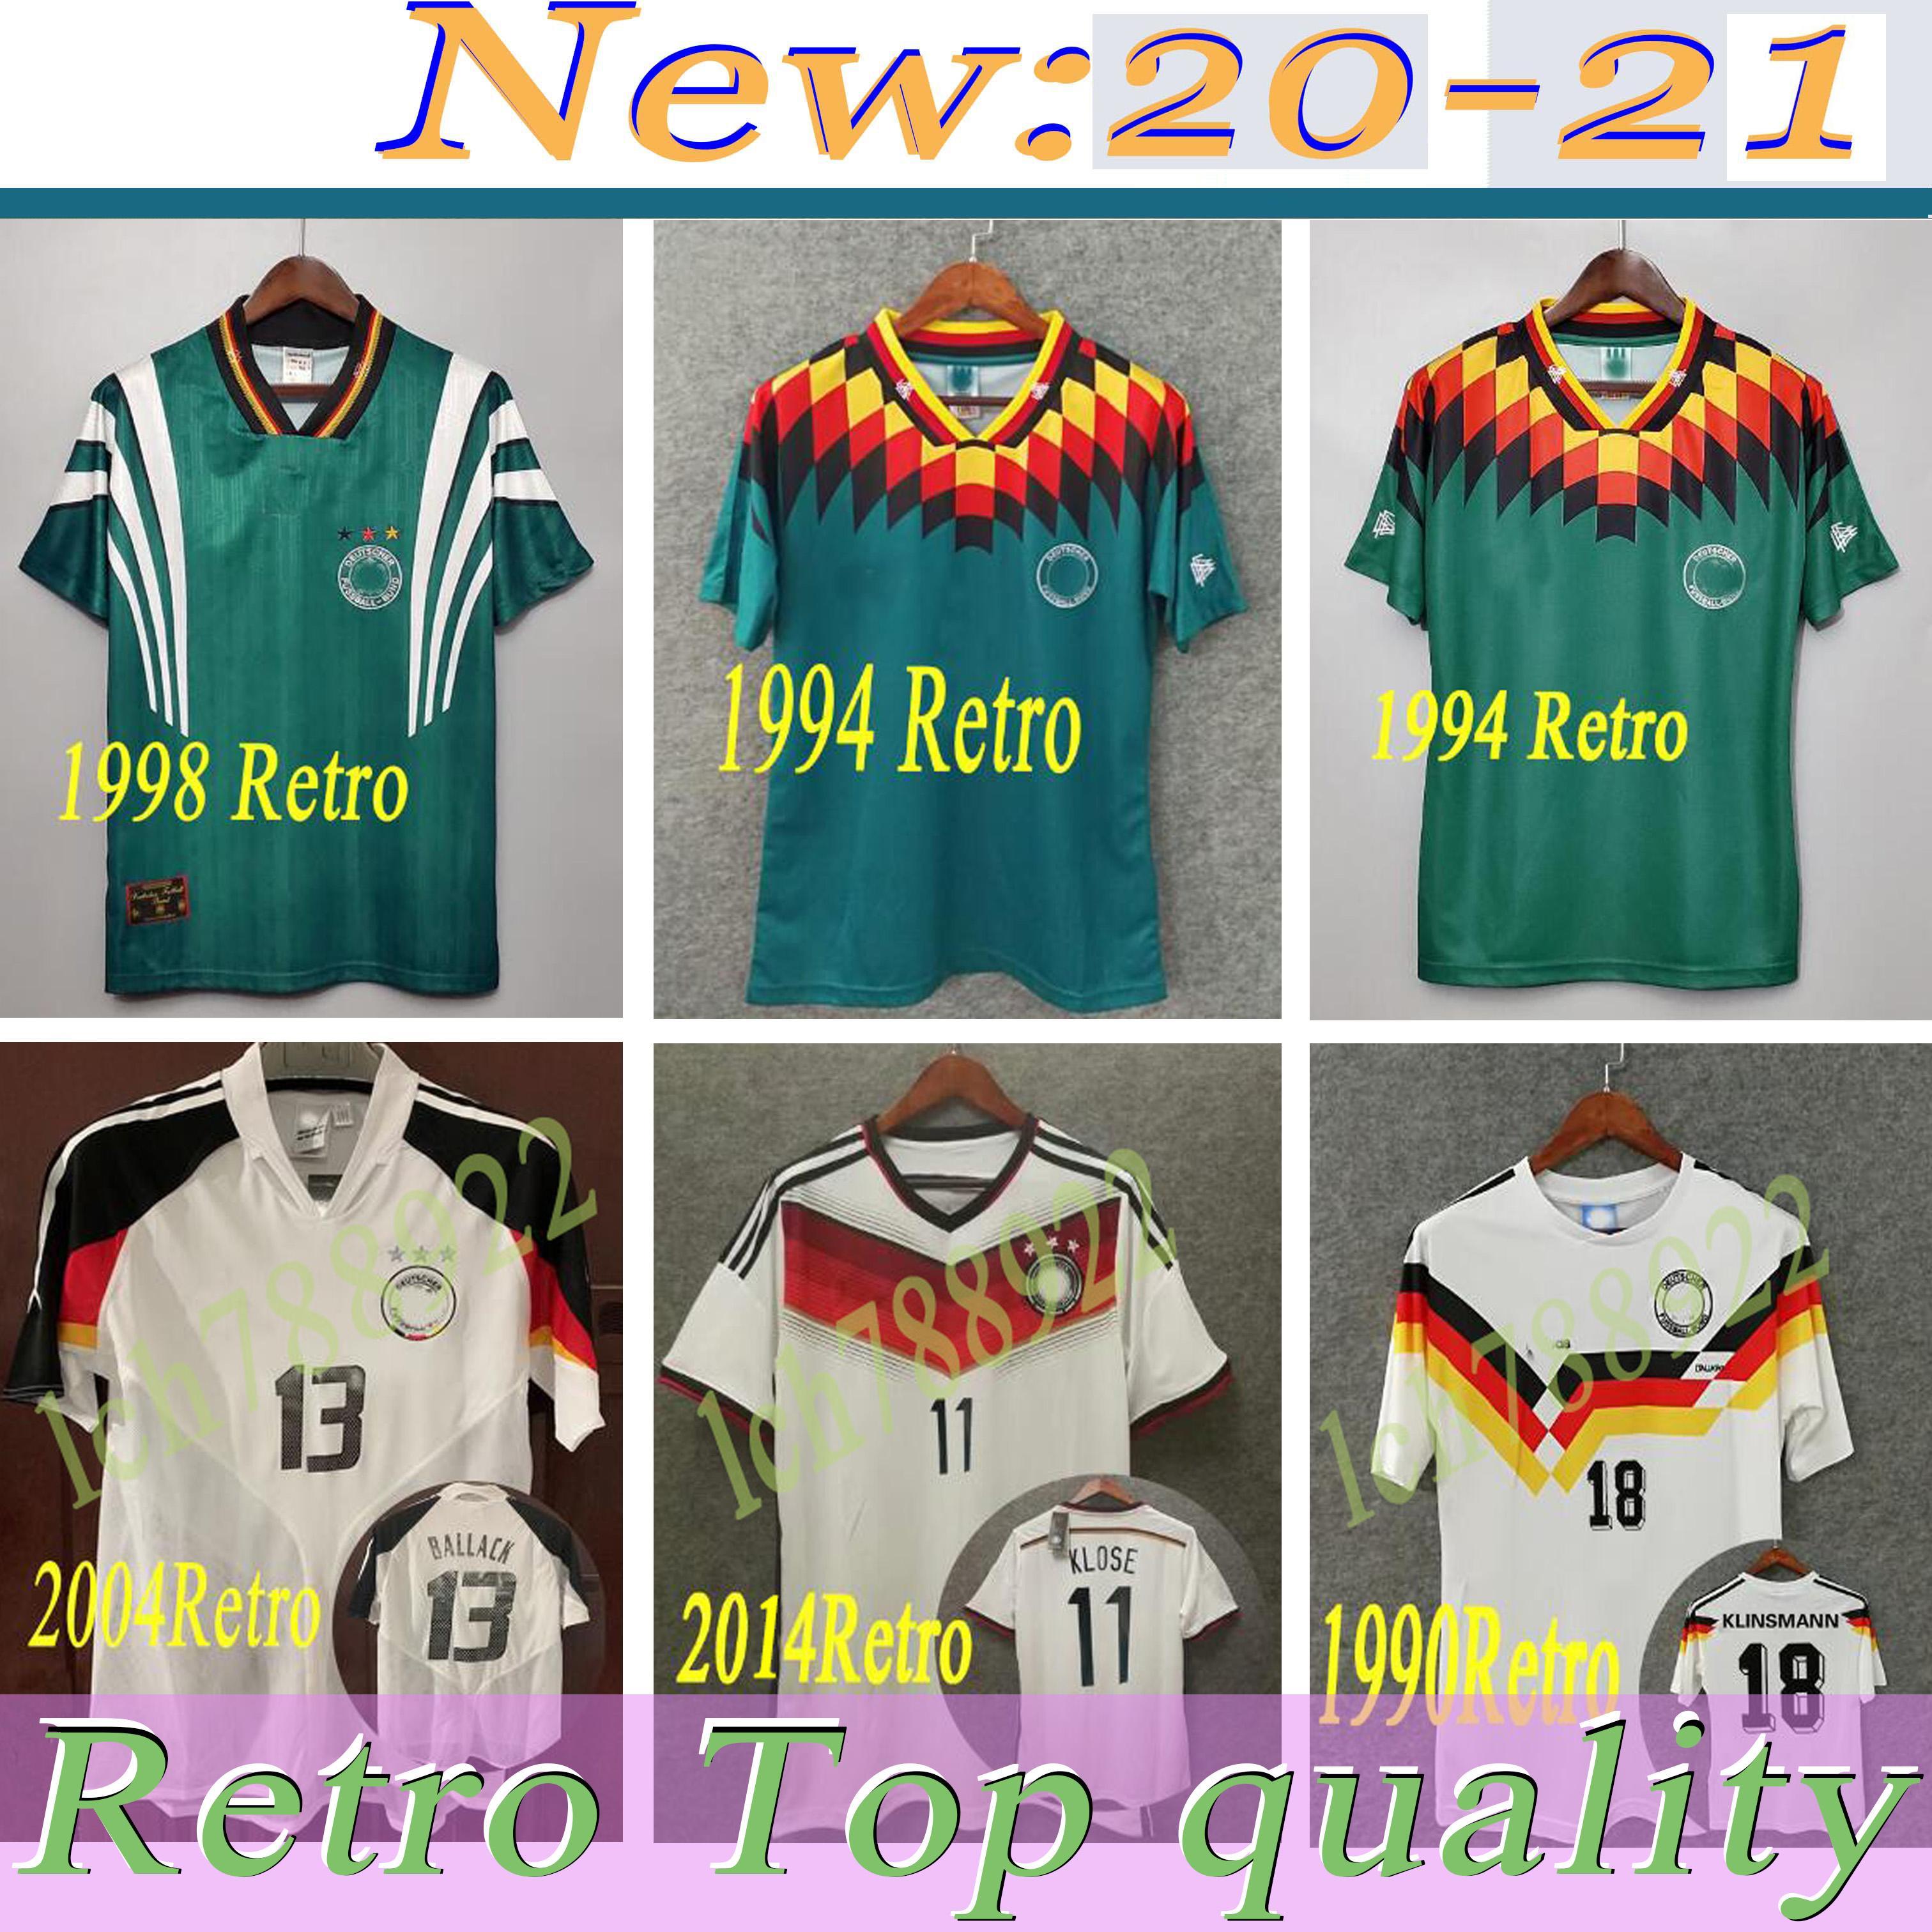 كأس العالم 1990 1998 1988 ألمانيا الرجعية Littbarski Ballack Soccer Jersey Klinsmann Matthias 2006 2014 القمصان Kalkbrenner Jersey 1996 2004